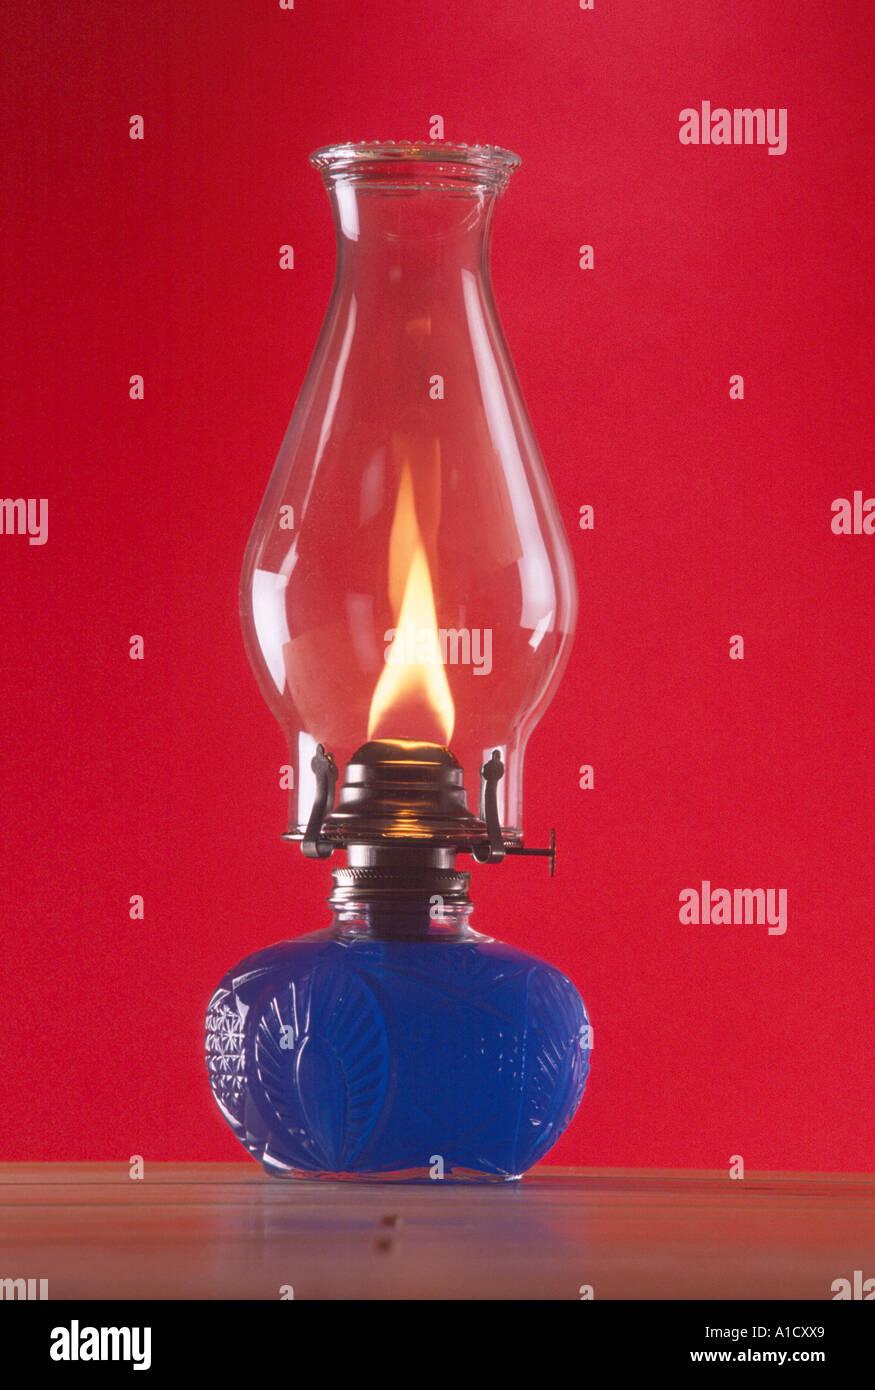 Ancora la vita di vetro spia dell'olio con fiamma blu e olio in taglia base di vetro sfondo rosso PR CL Immagini Stock